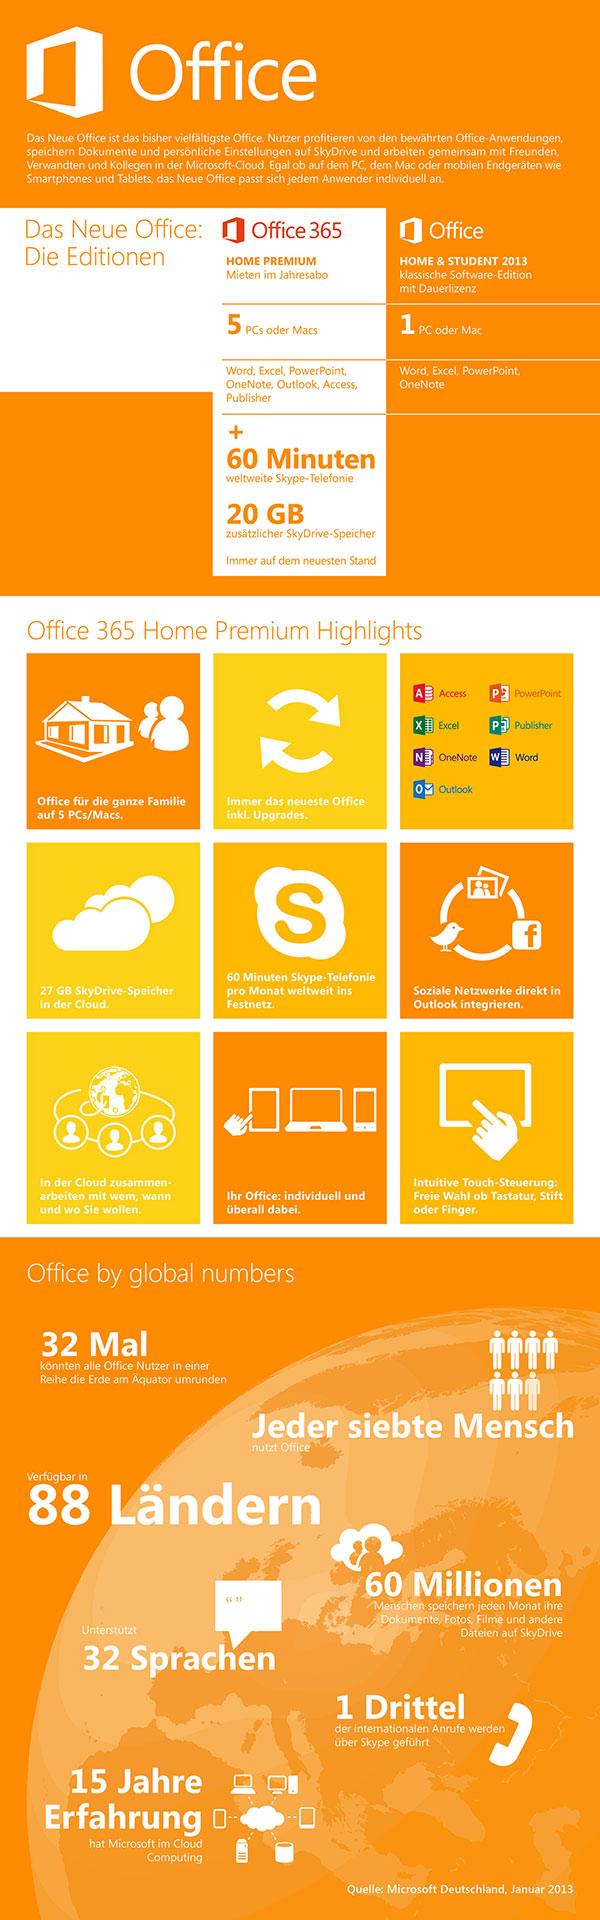 Infografik zum Neuen Office